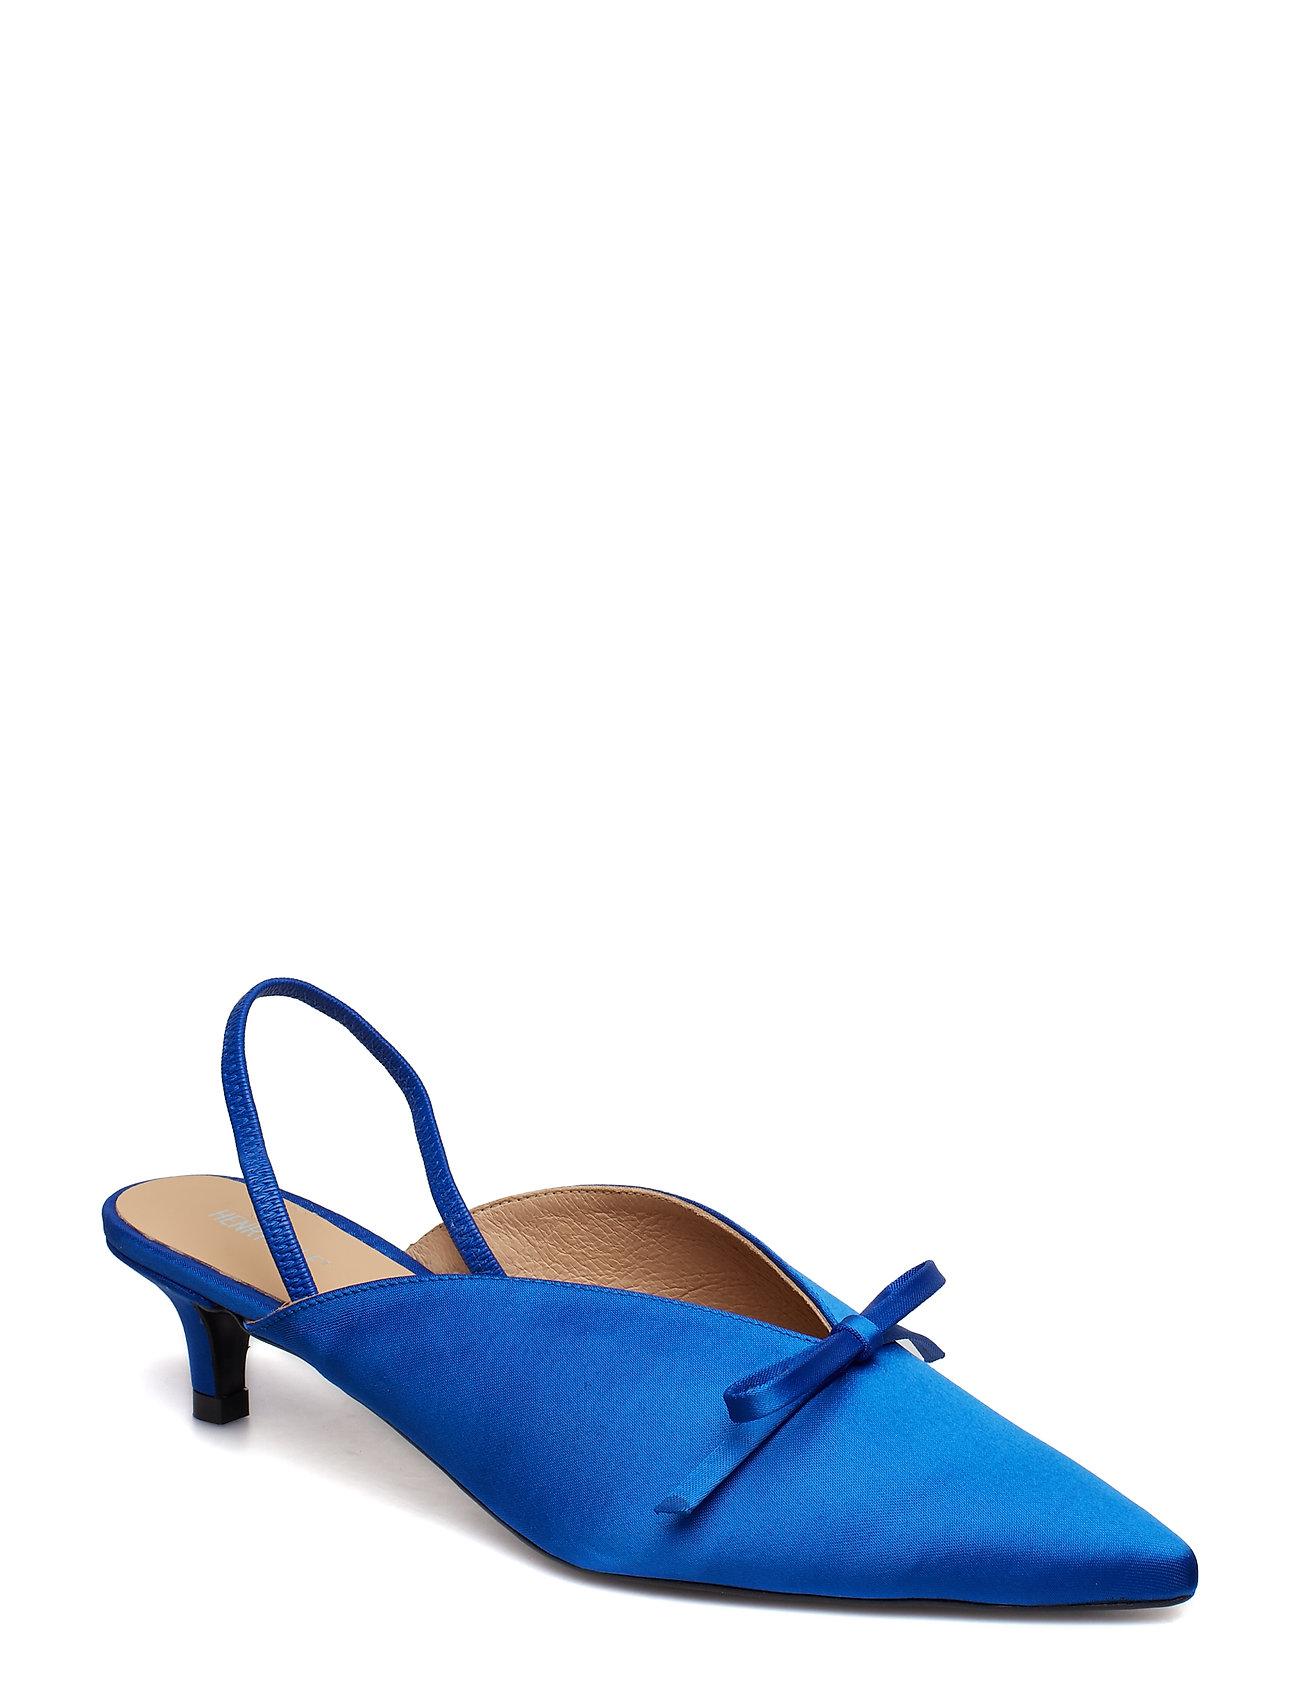 Henry Kole - Amelie Satin Blue - sling backs - blue